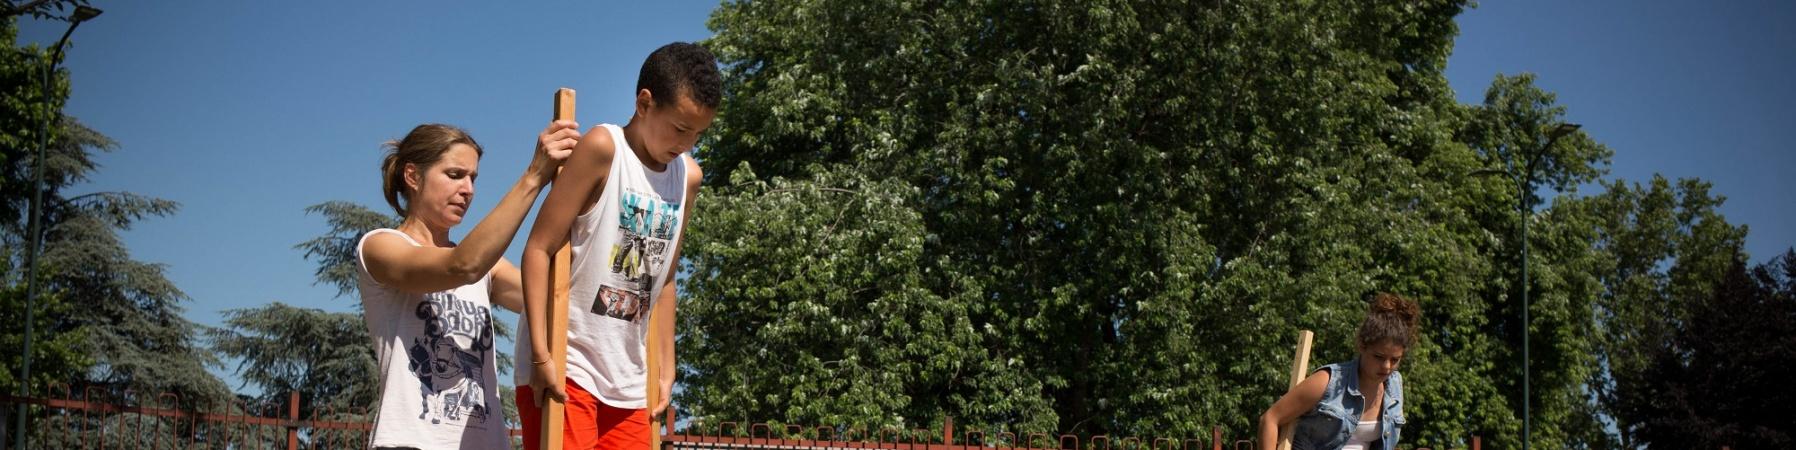 ragaza aiuta un bambino a stare sui trampoli in un parchetto e vicino un altra bambina è già sui trampoli